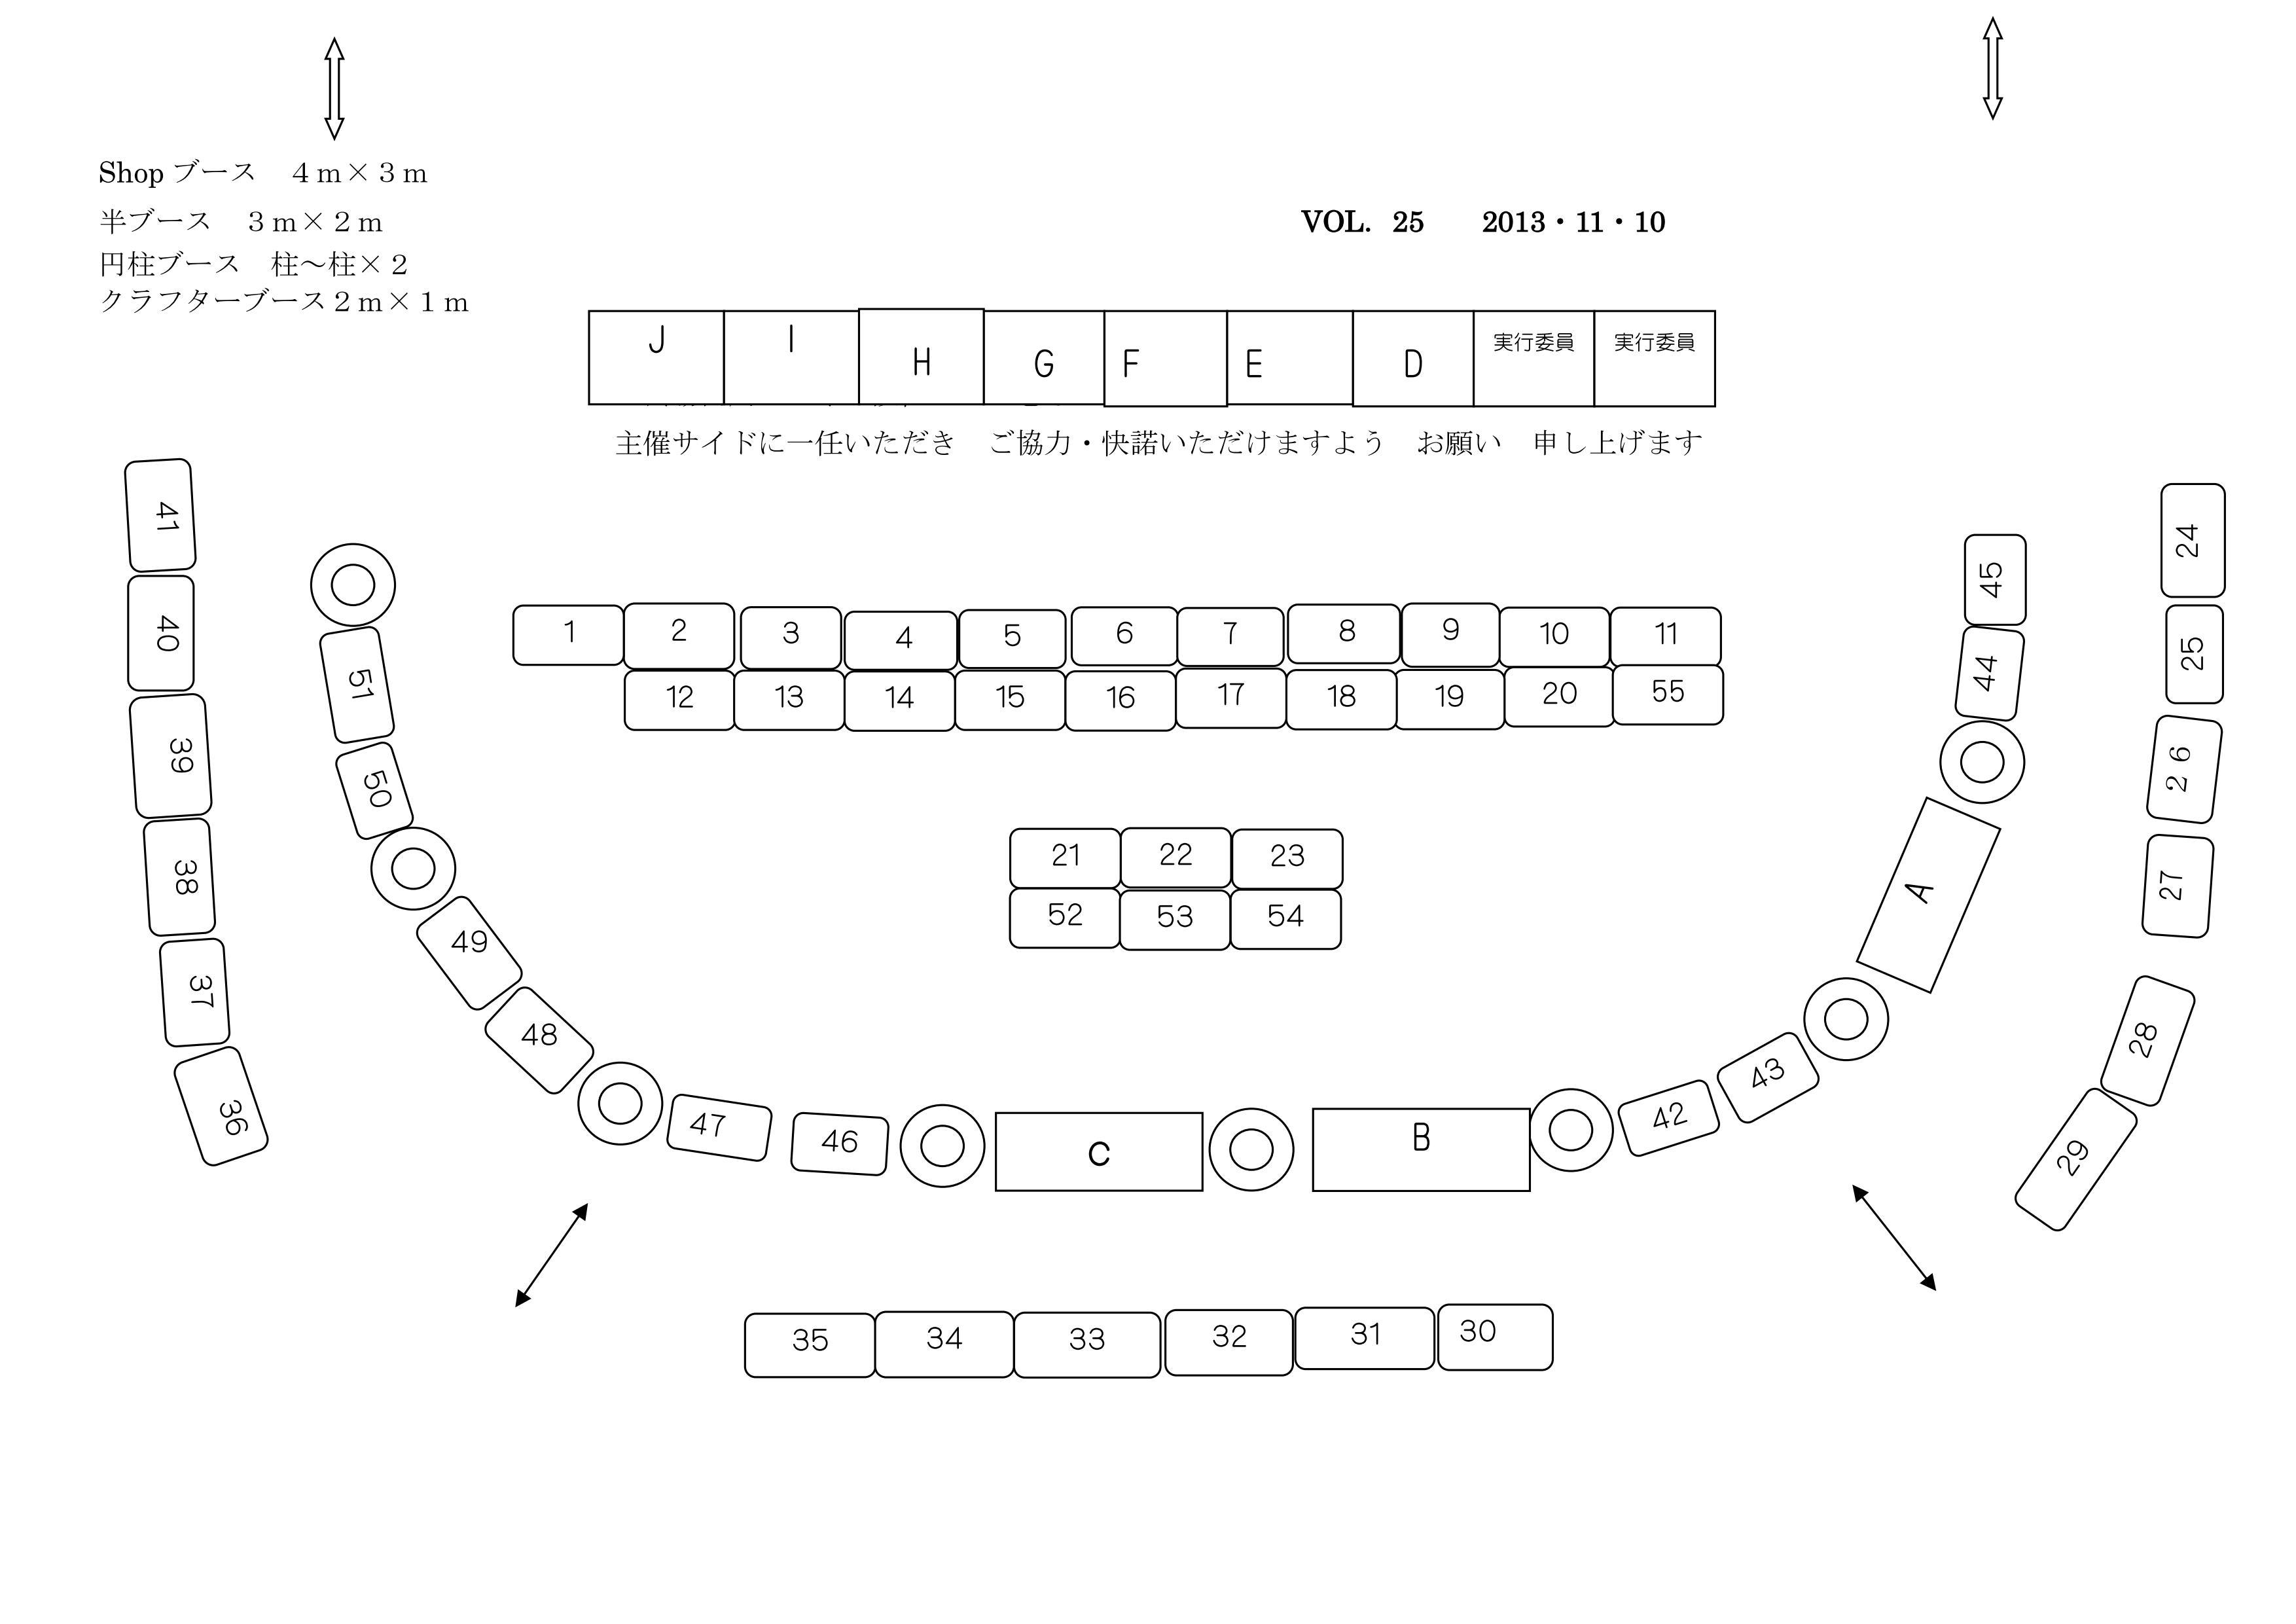 第25回クチュリエール展ブース (1)PDF_01